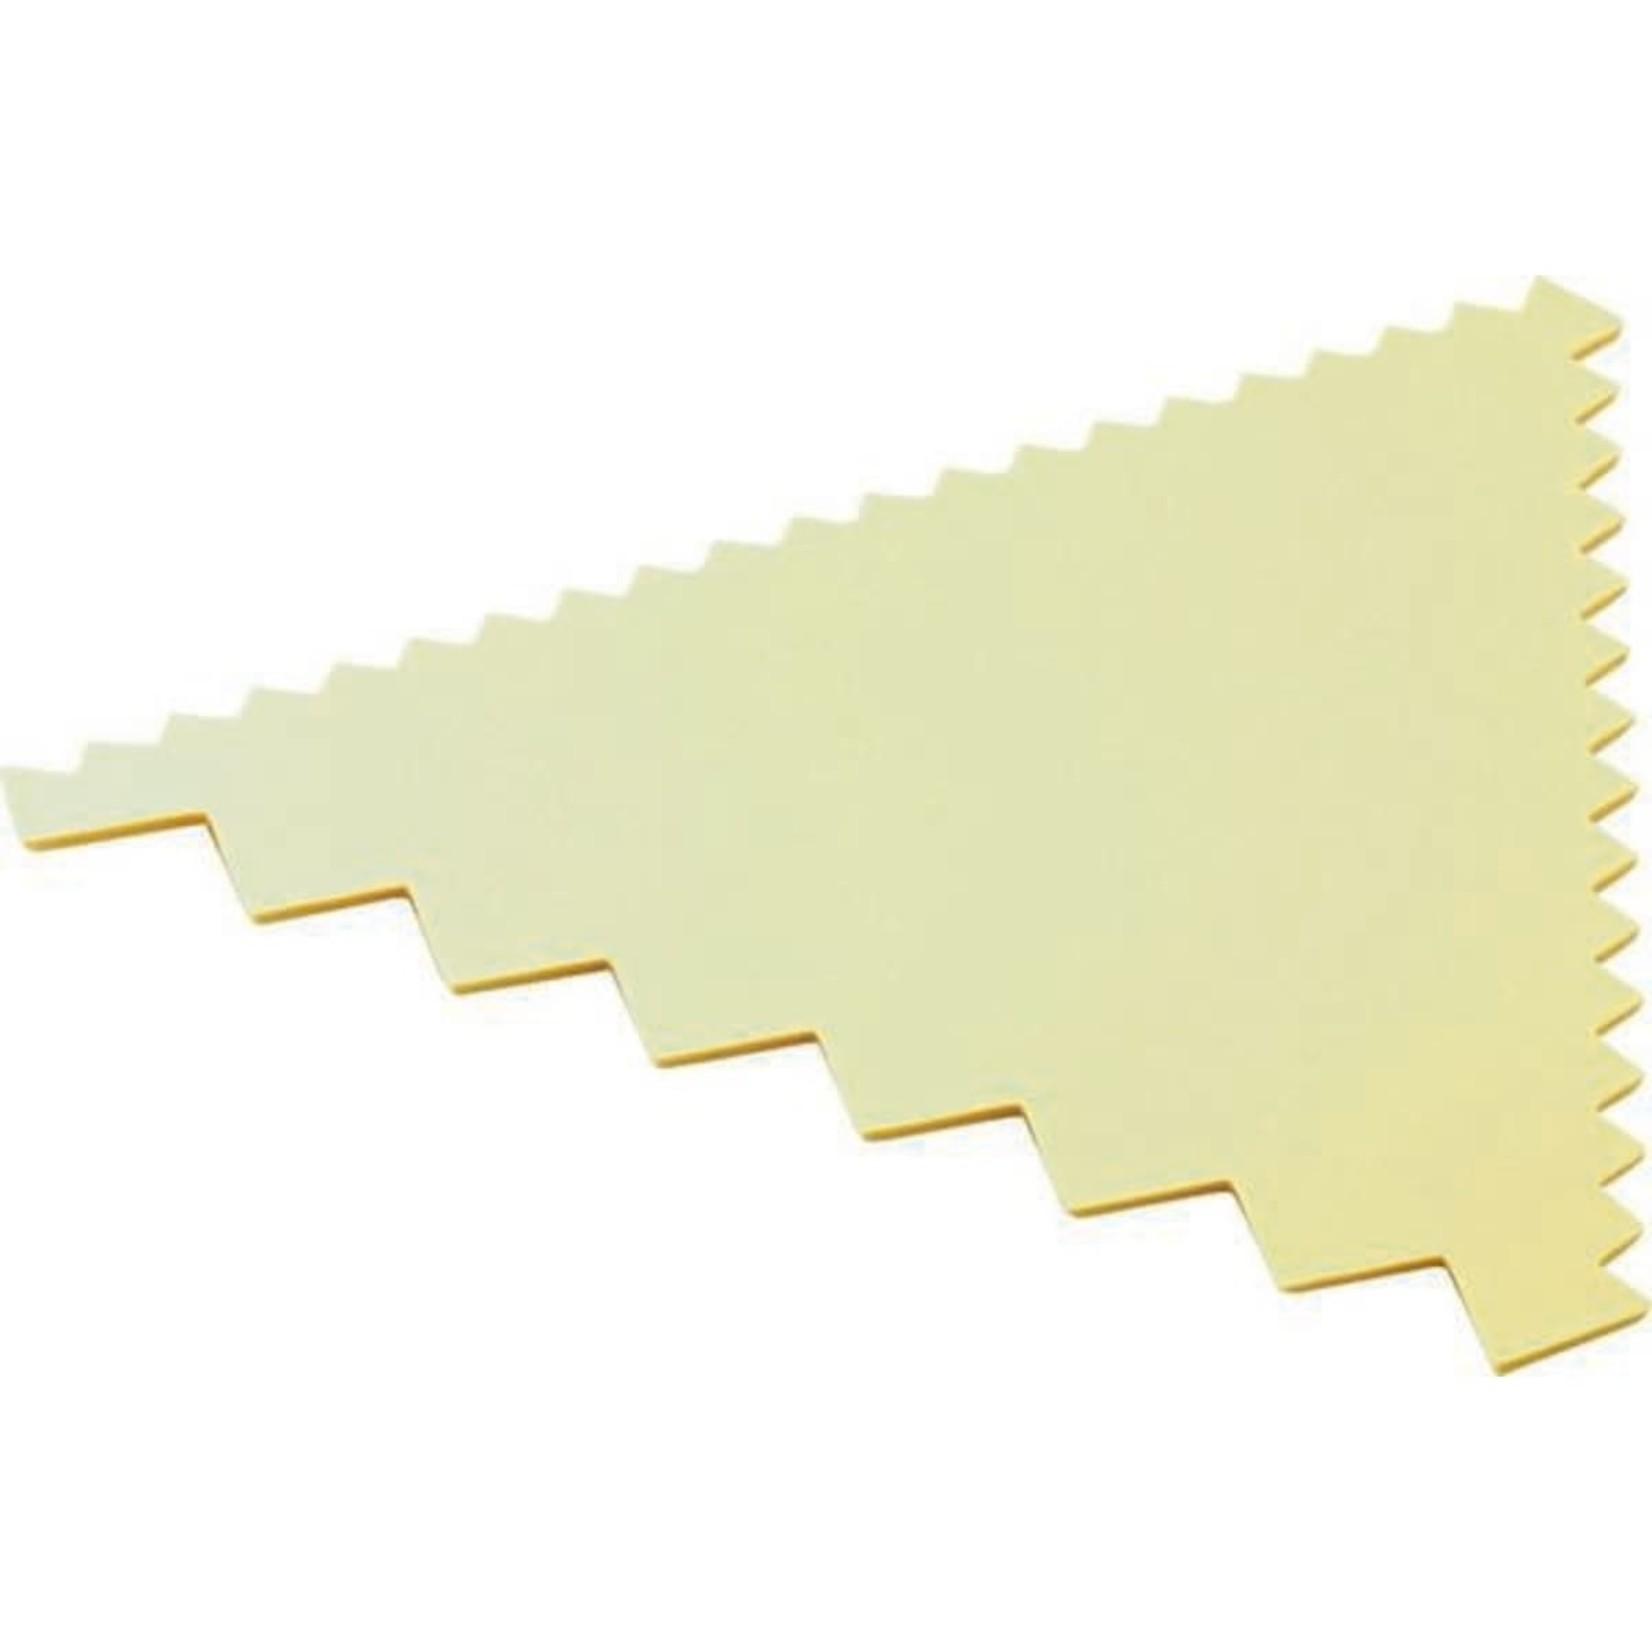 Deegkam 3-zijdig geel